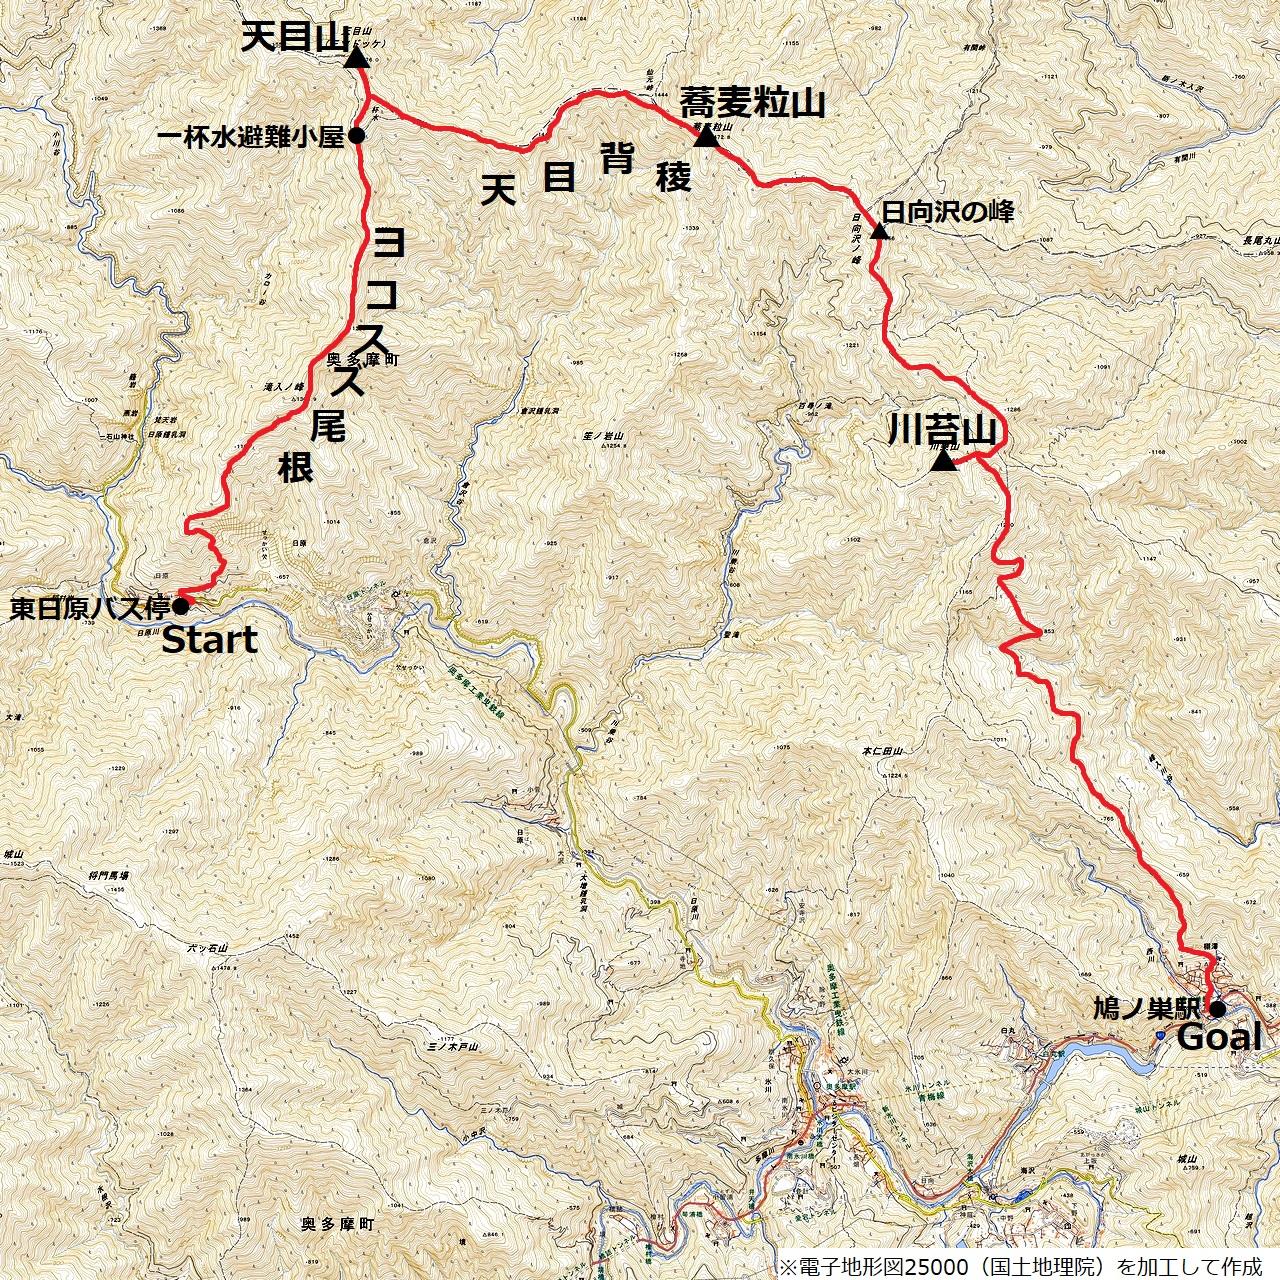 161223_map2